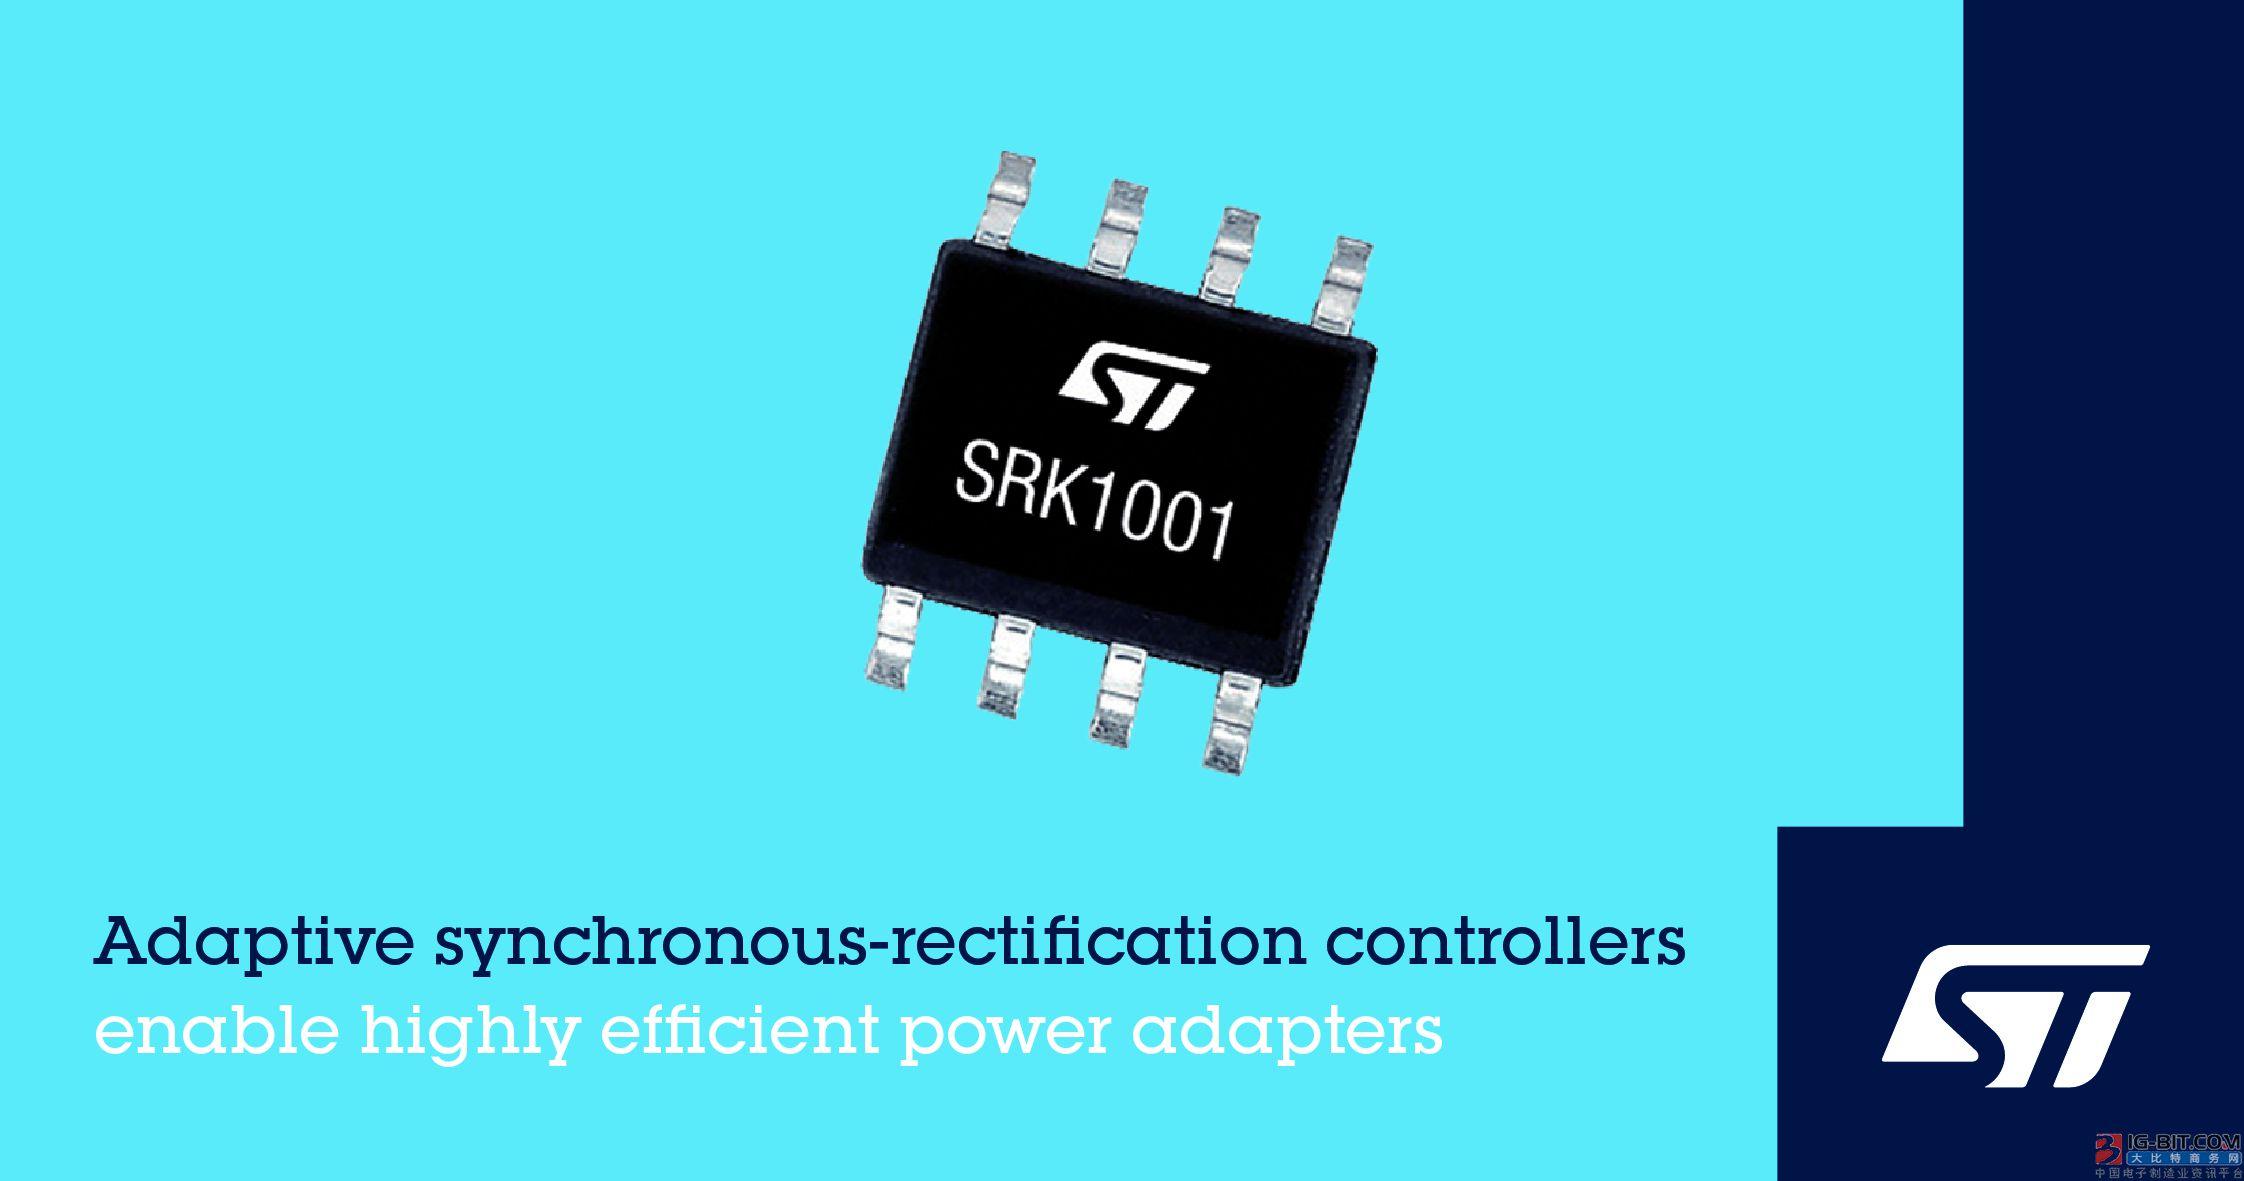 意法半导体发布创新的同步整流控制器 适用于高效率经济型电源适配器